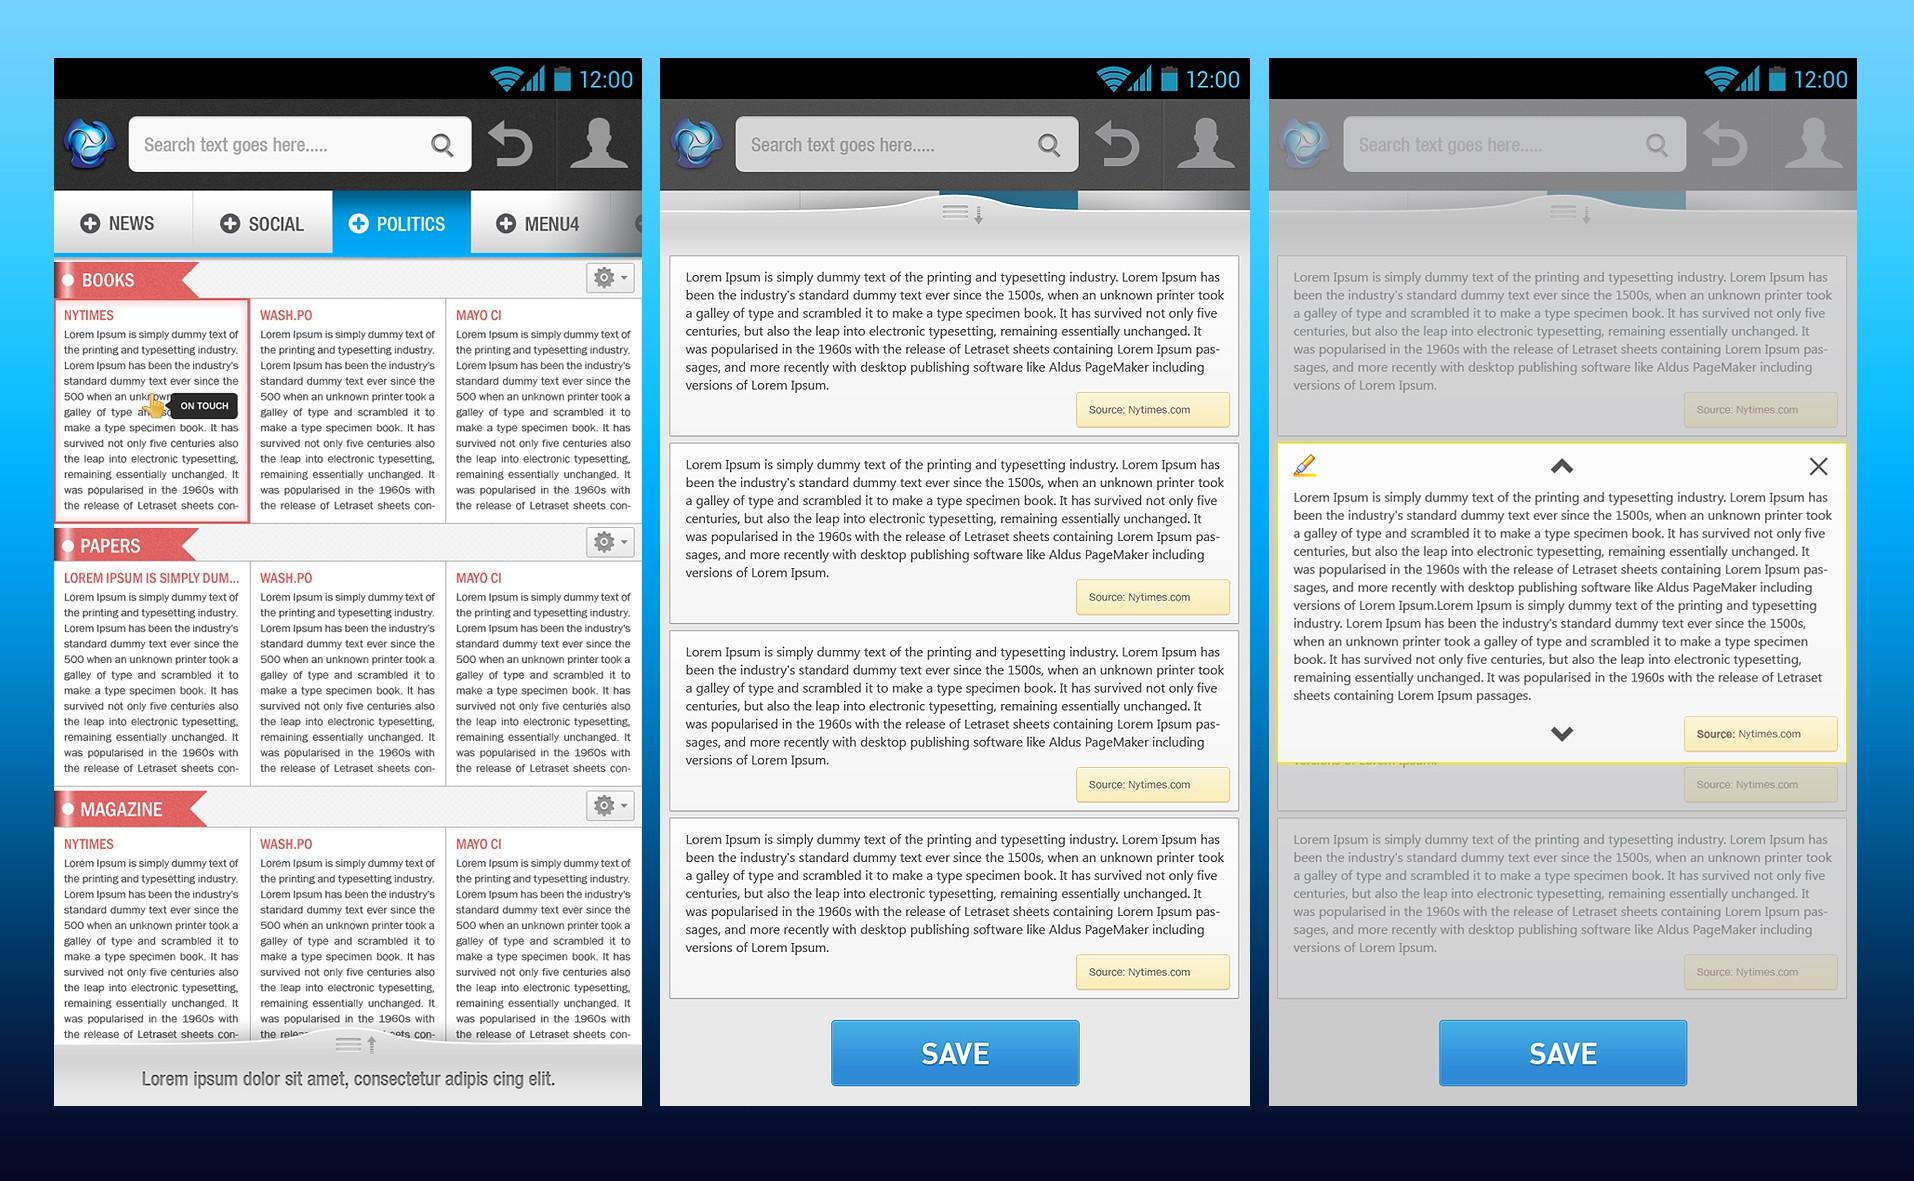 Design a novel mobile search interface (*Guaranteed Award*)